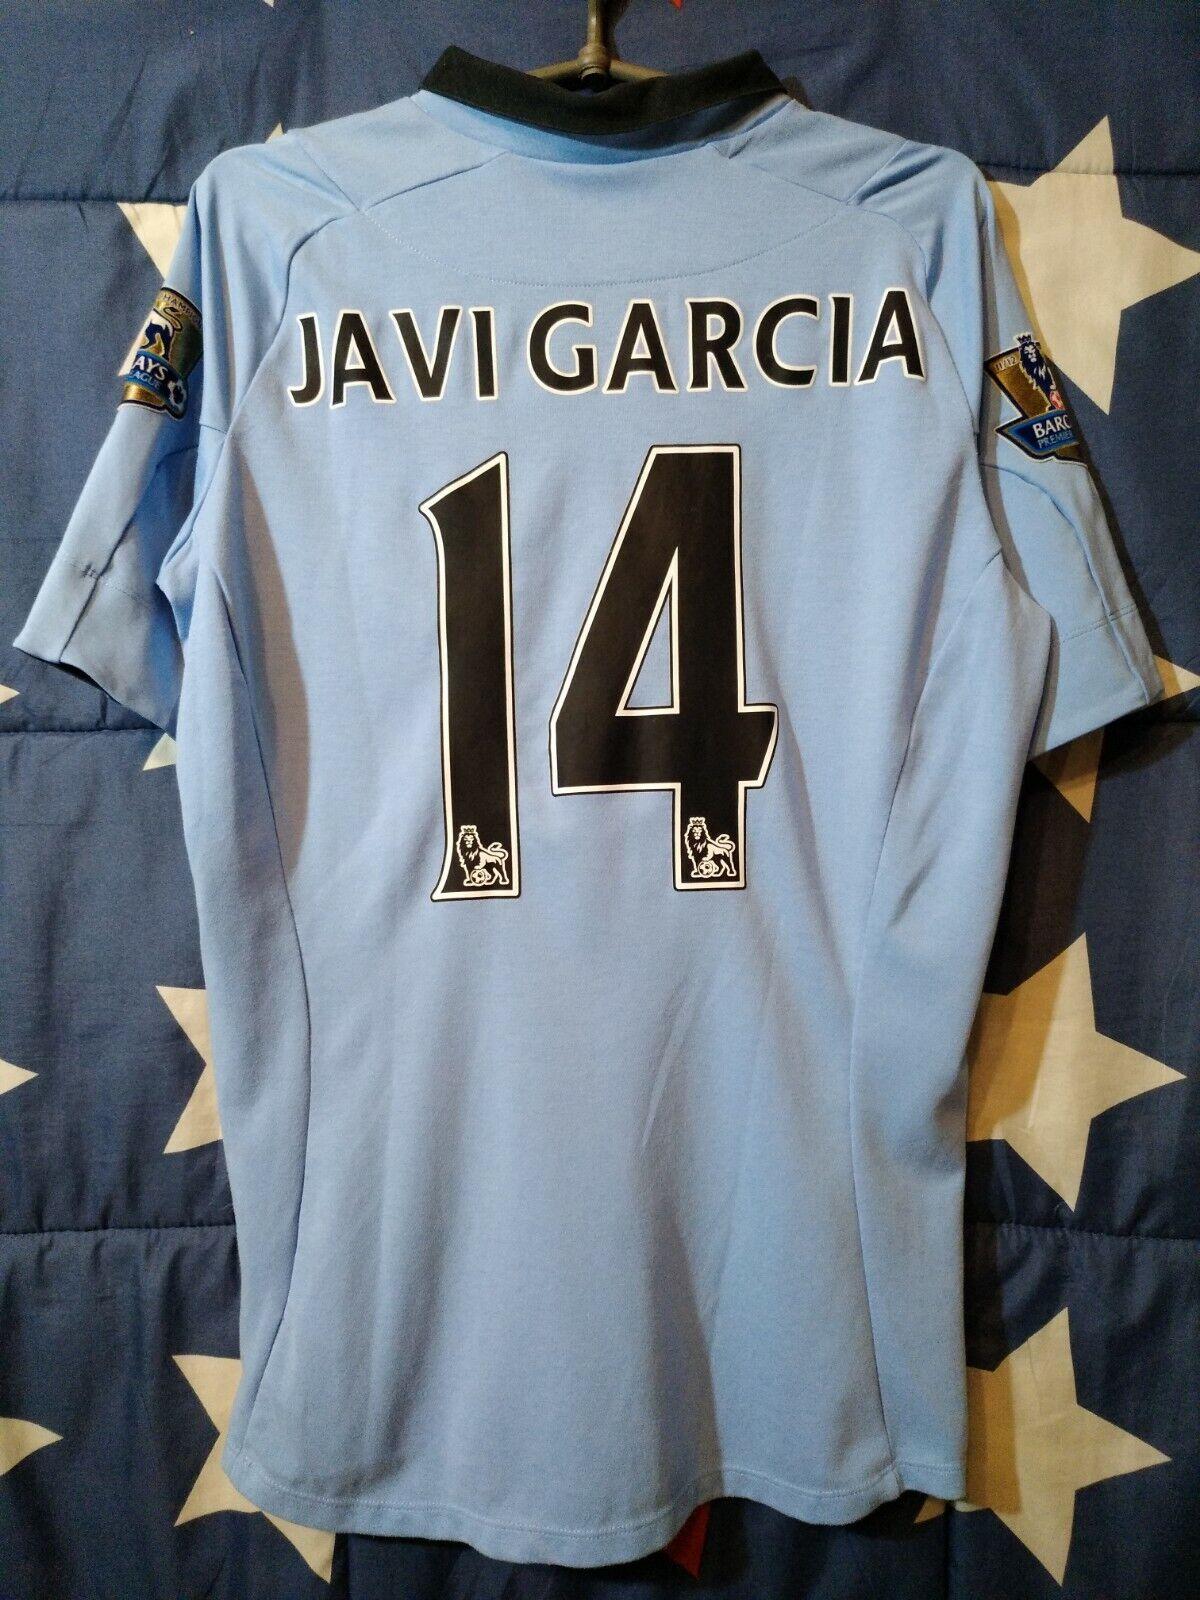 Größe S Manchester City 2012-2013 Home Football Shirt Jersey Javi Garcia